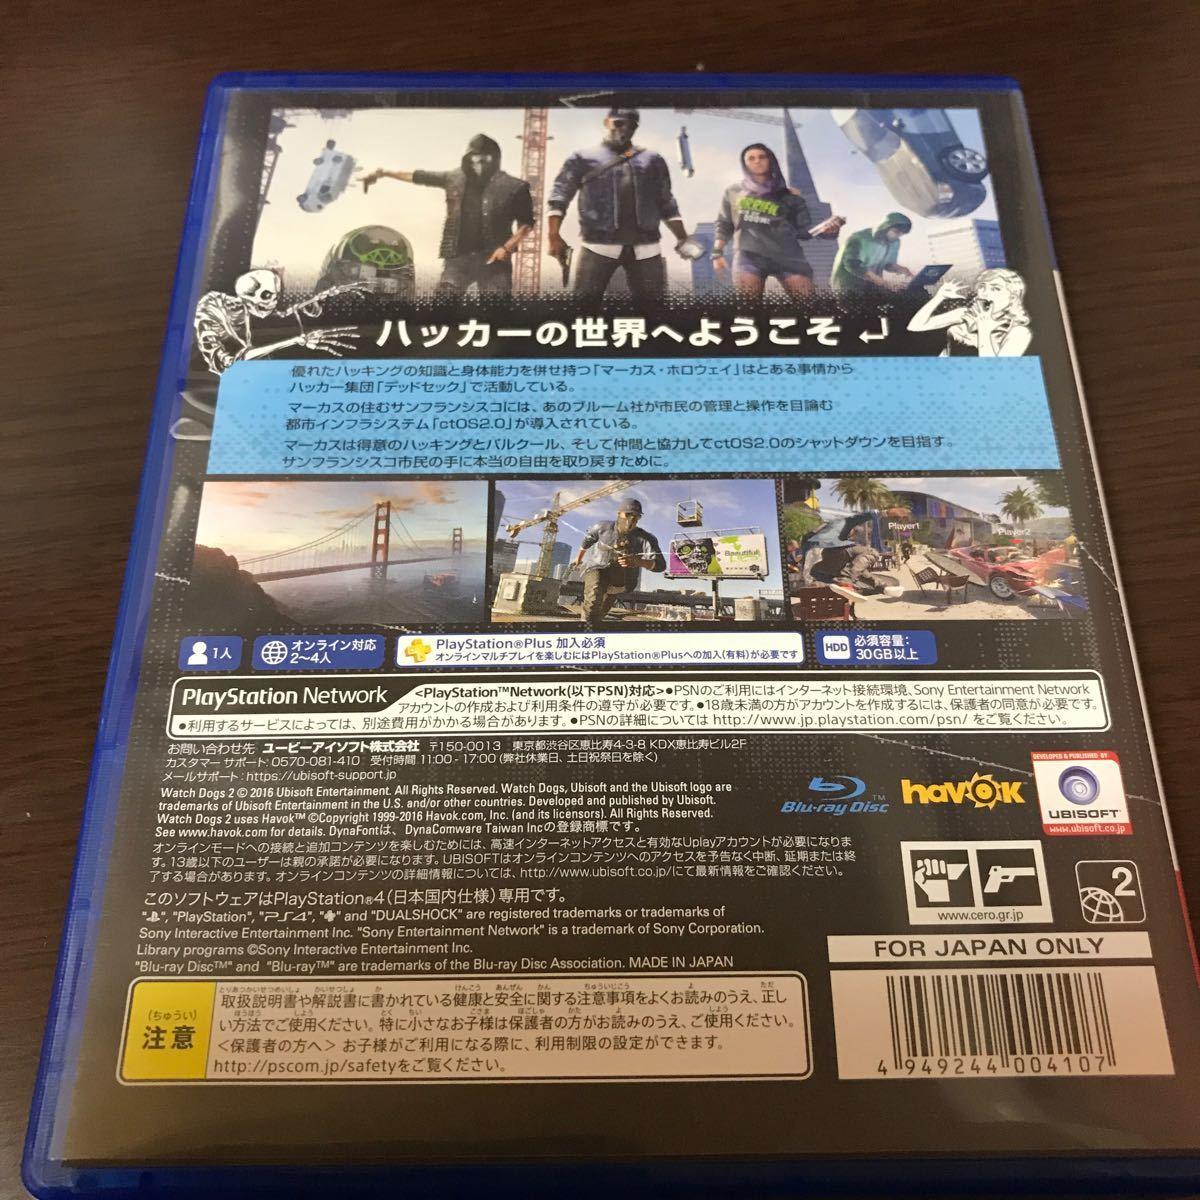 【PS4】 ウォッチドッグス2 WATCH DOGS 2